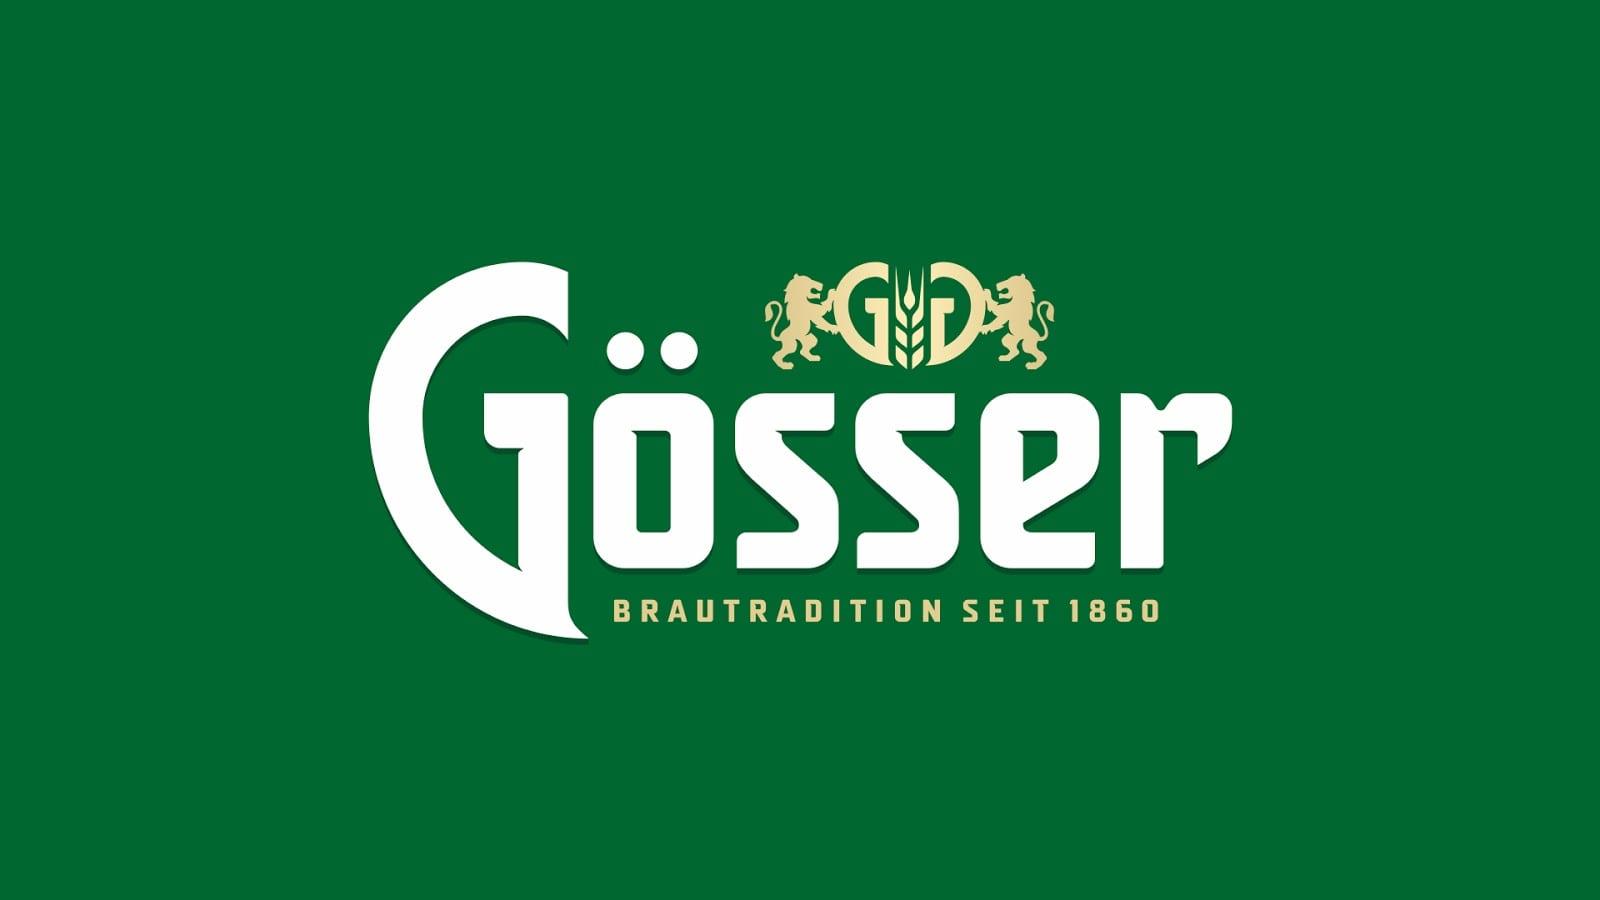 gosser 01 newiidentity - Vizuální redesign rakouské značky Gösser